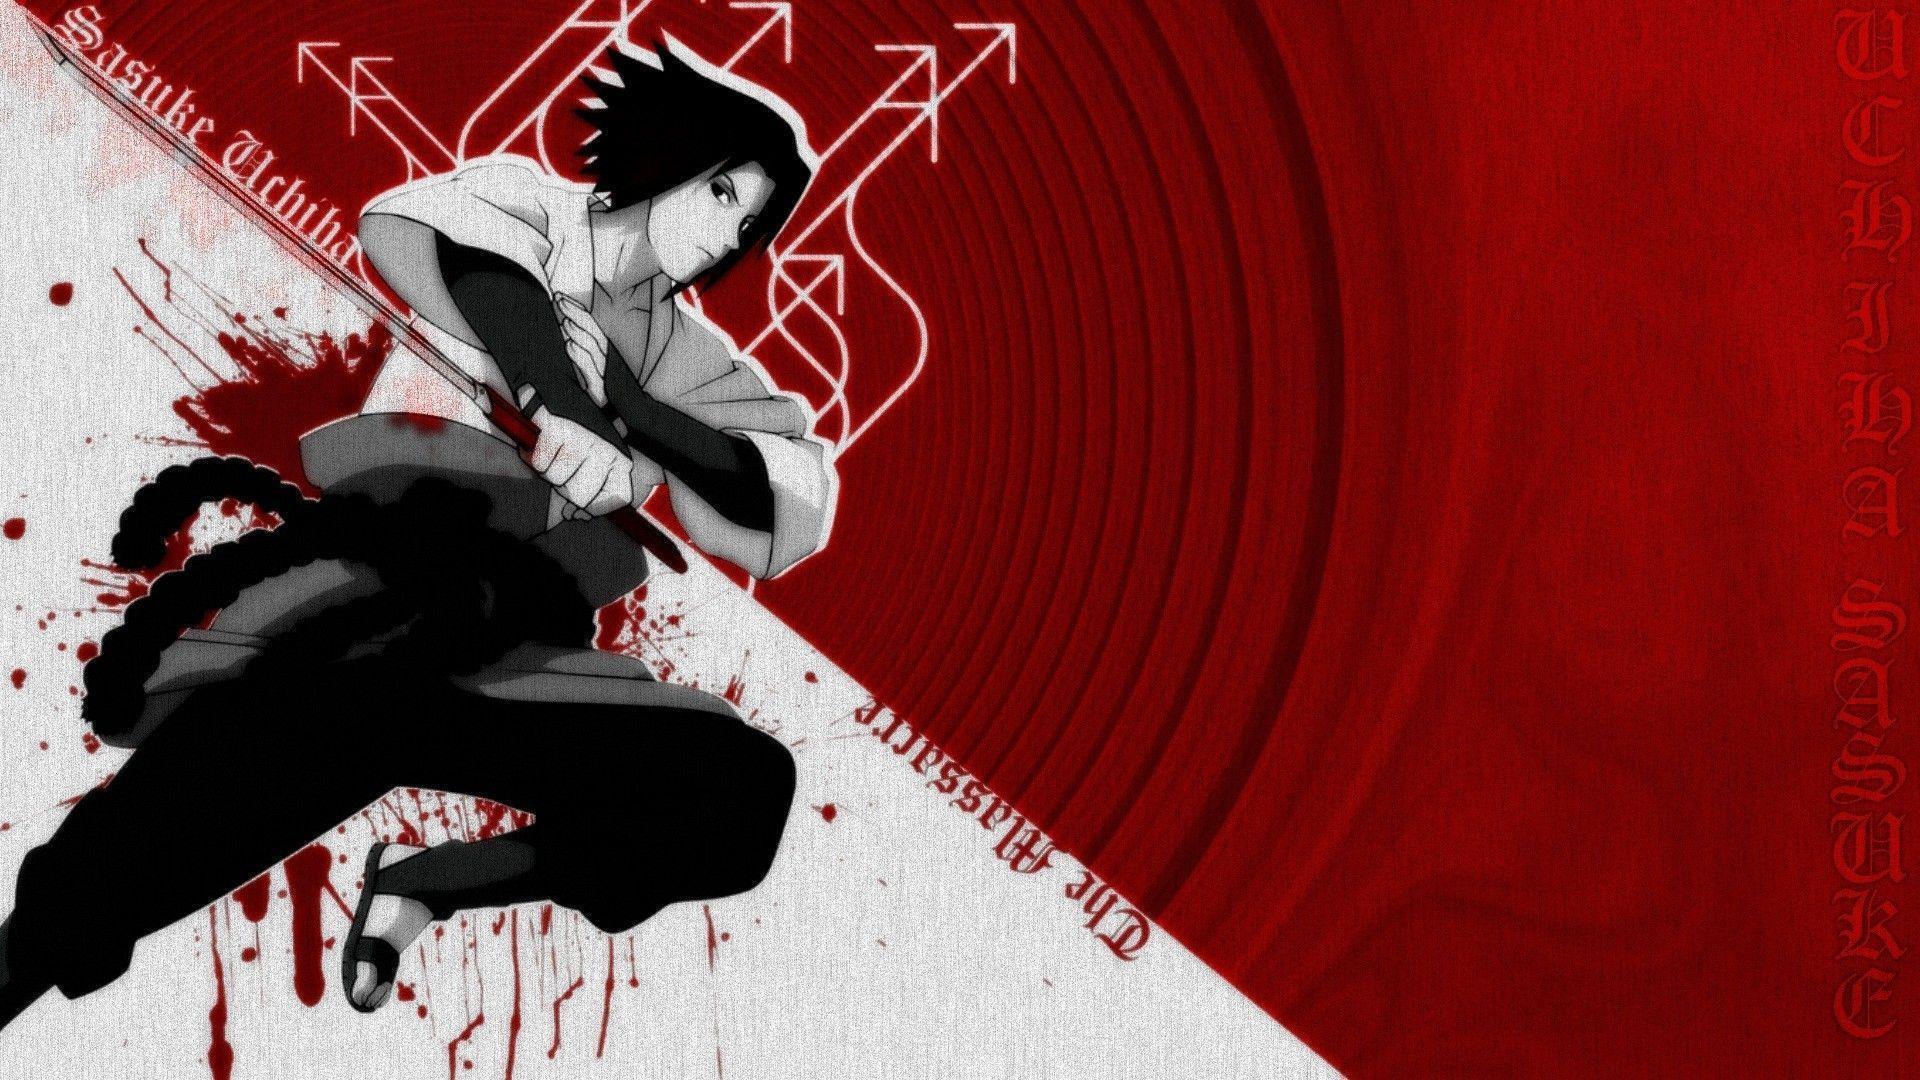 uchiha sasuke images wallpaper - photo #45